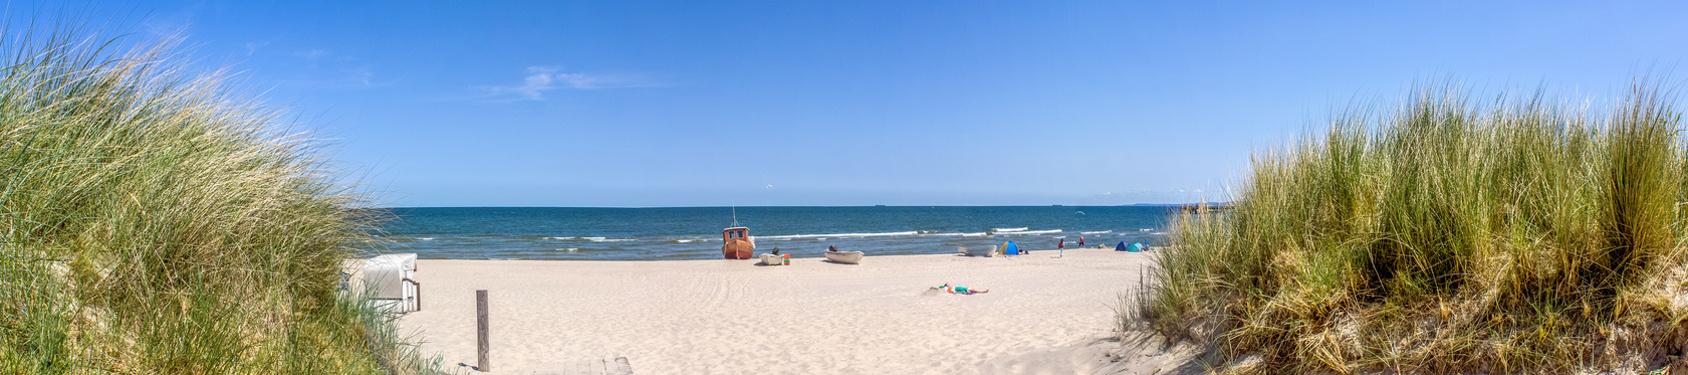 Bild von Ostsee